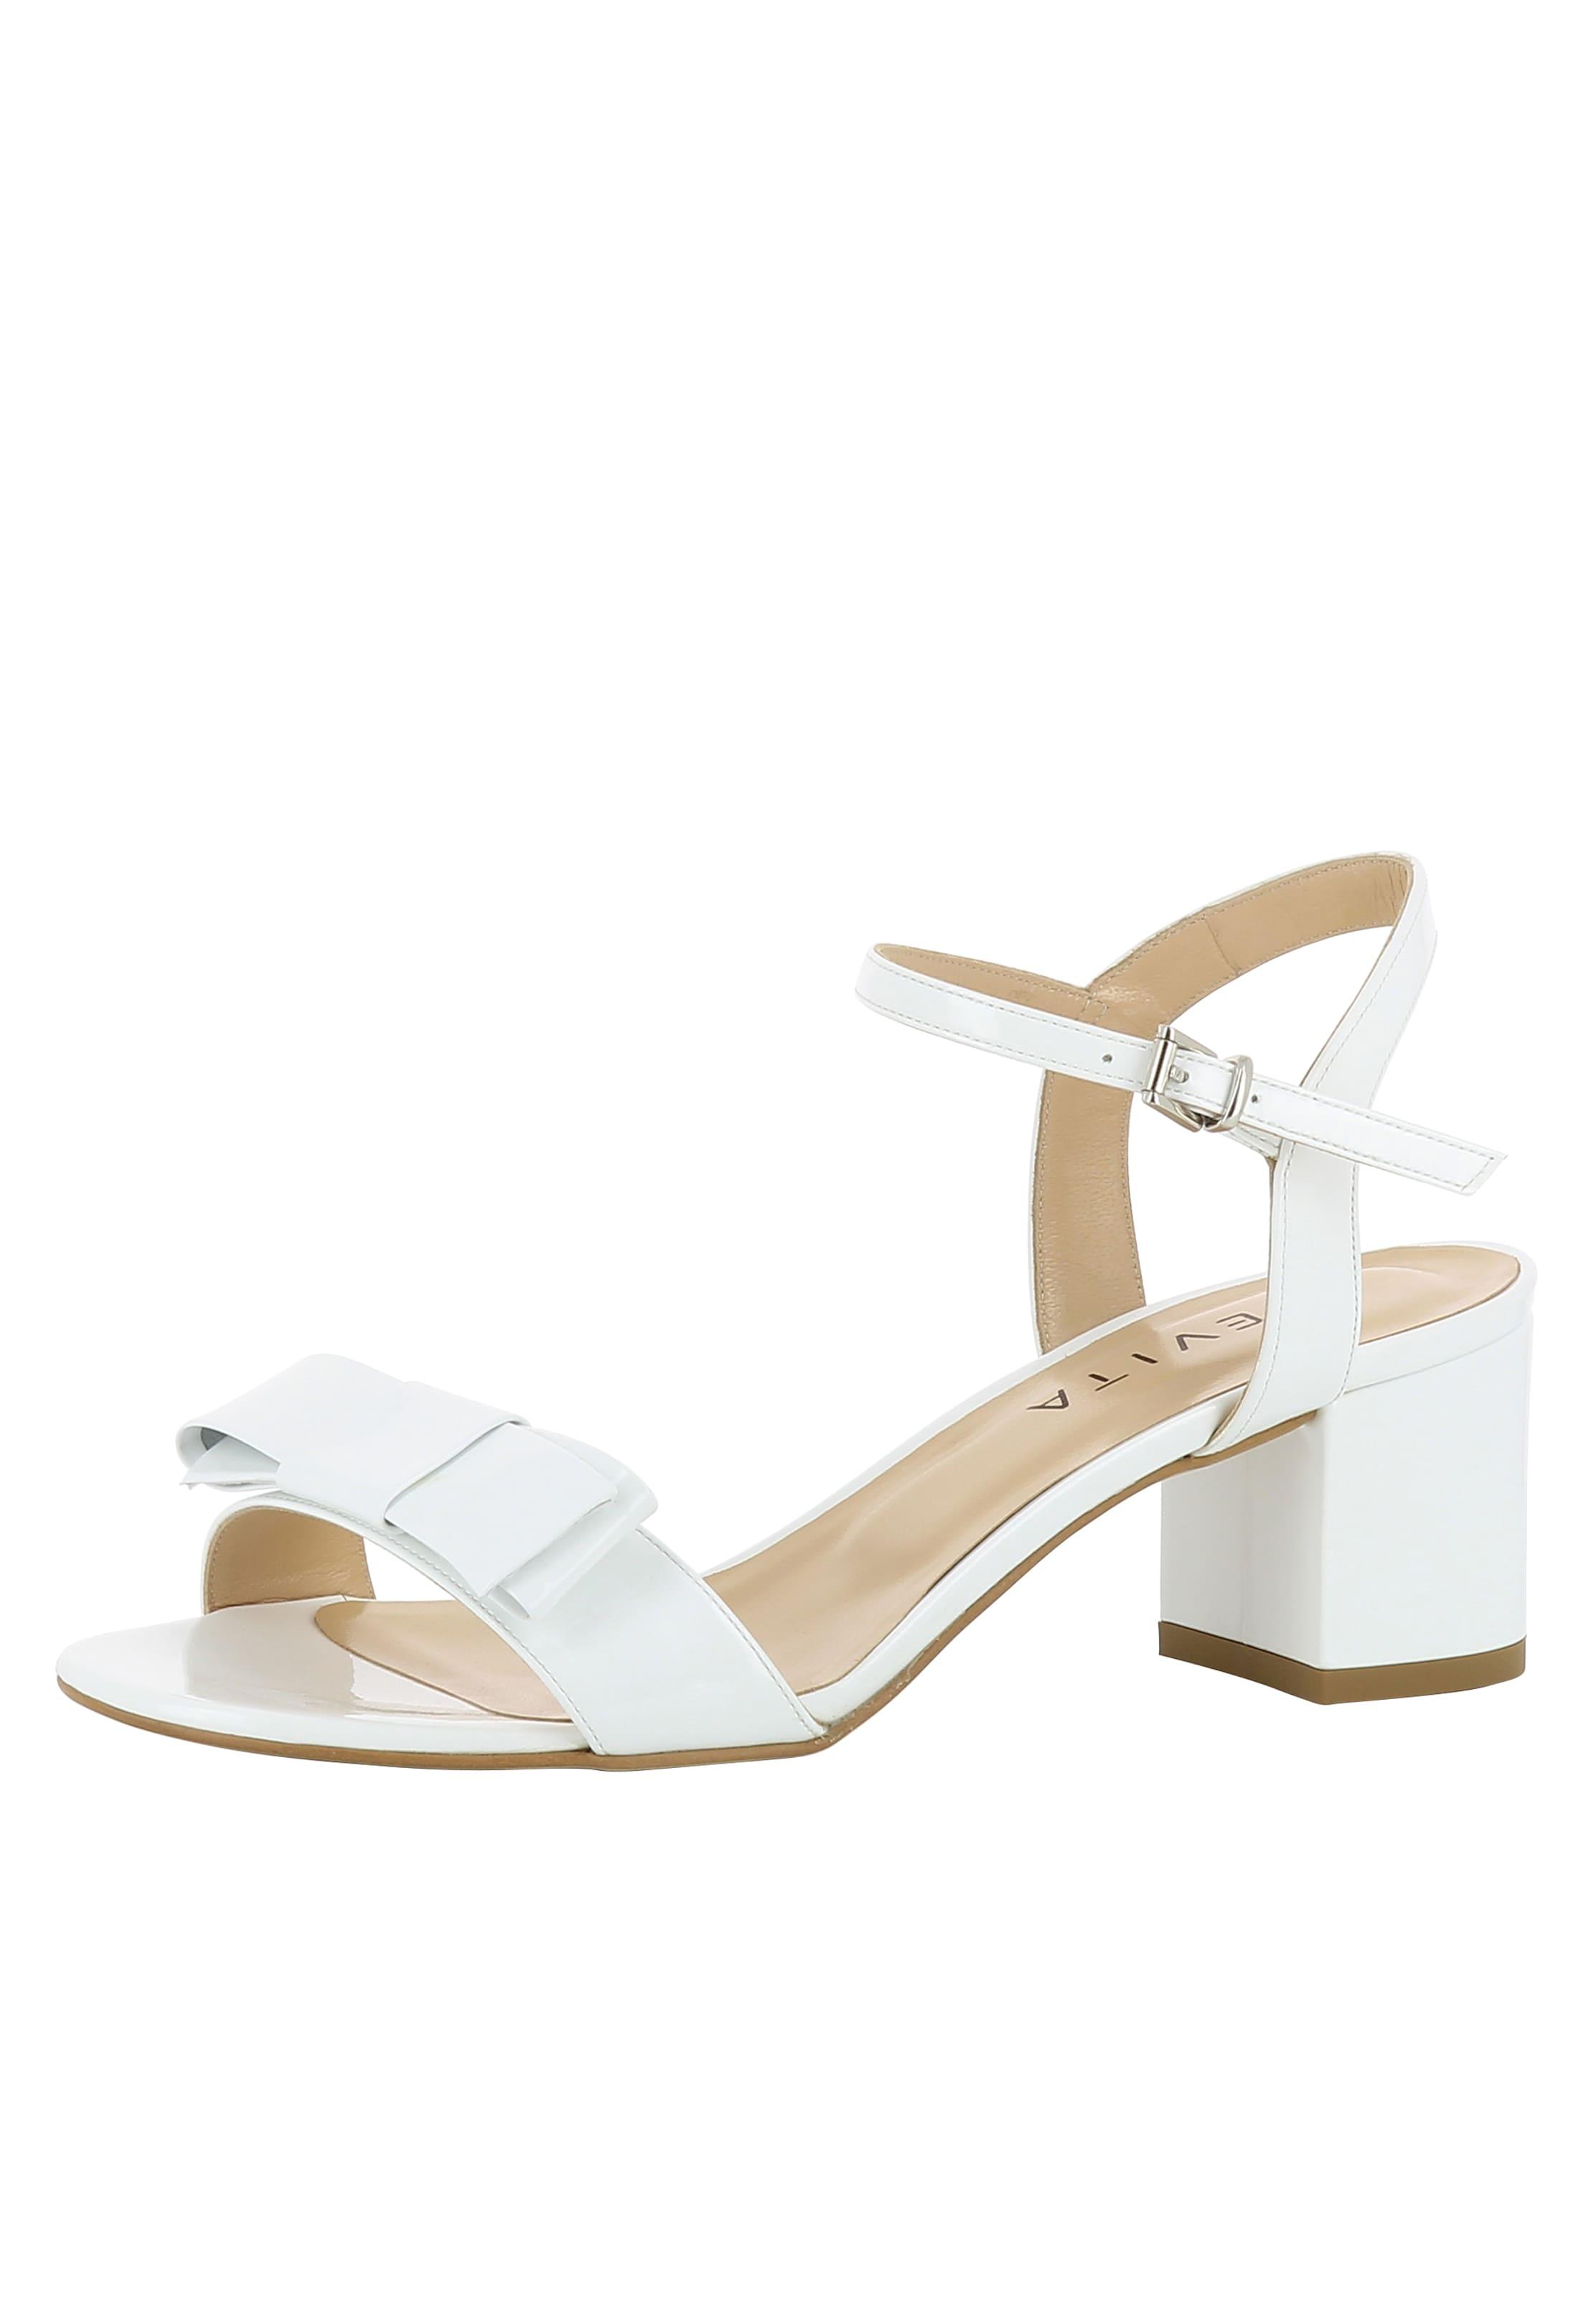 EVITA Sandalette MARIELLA Verschleißfeste billige Schuhe